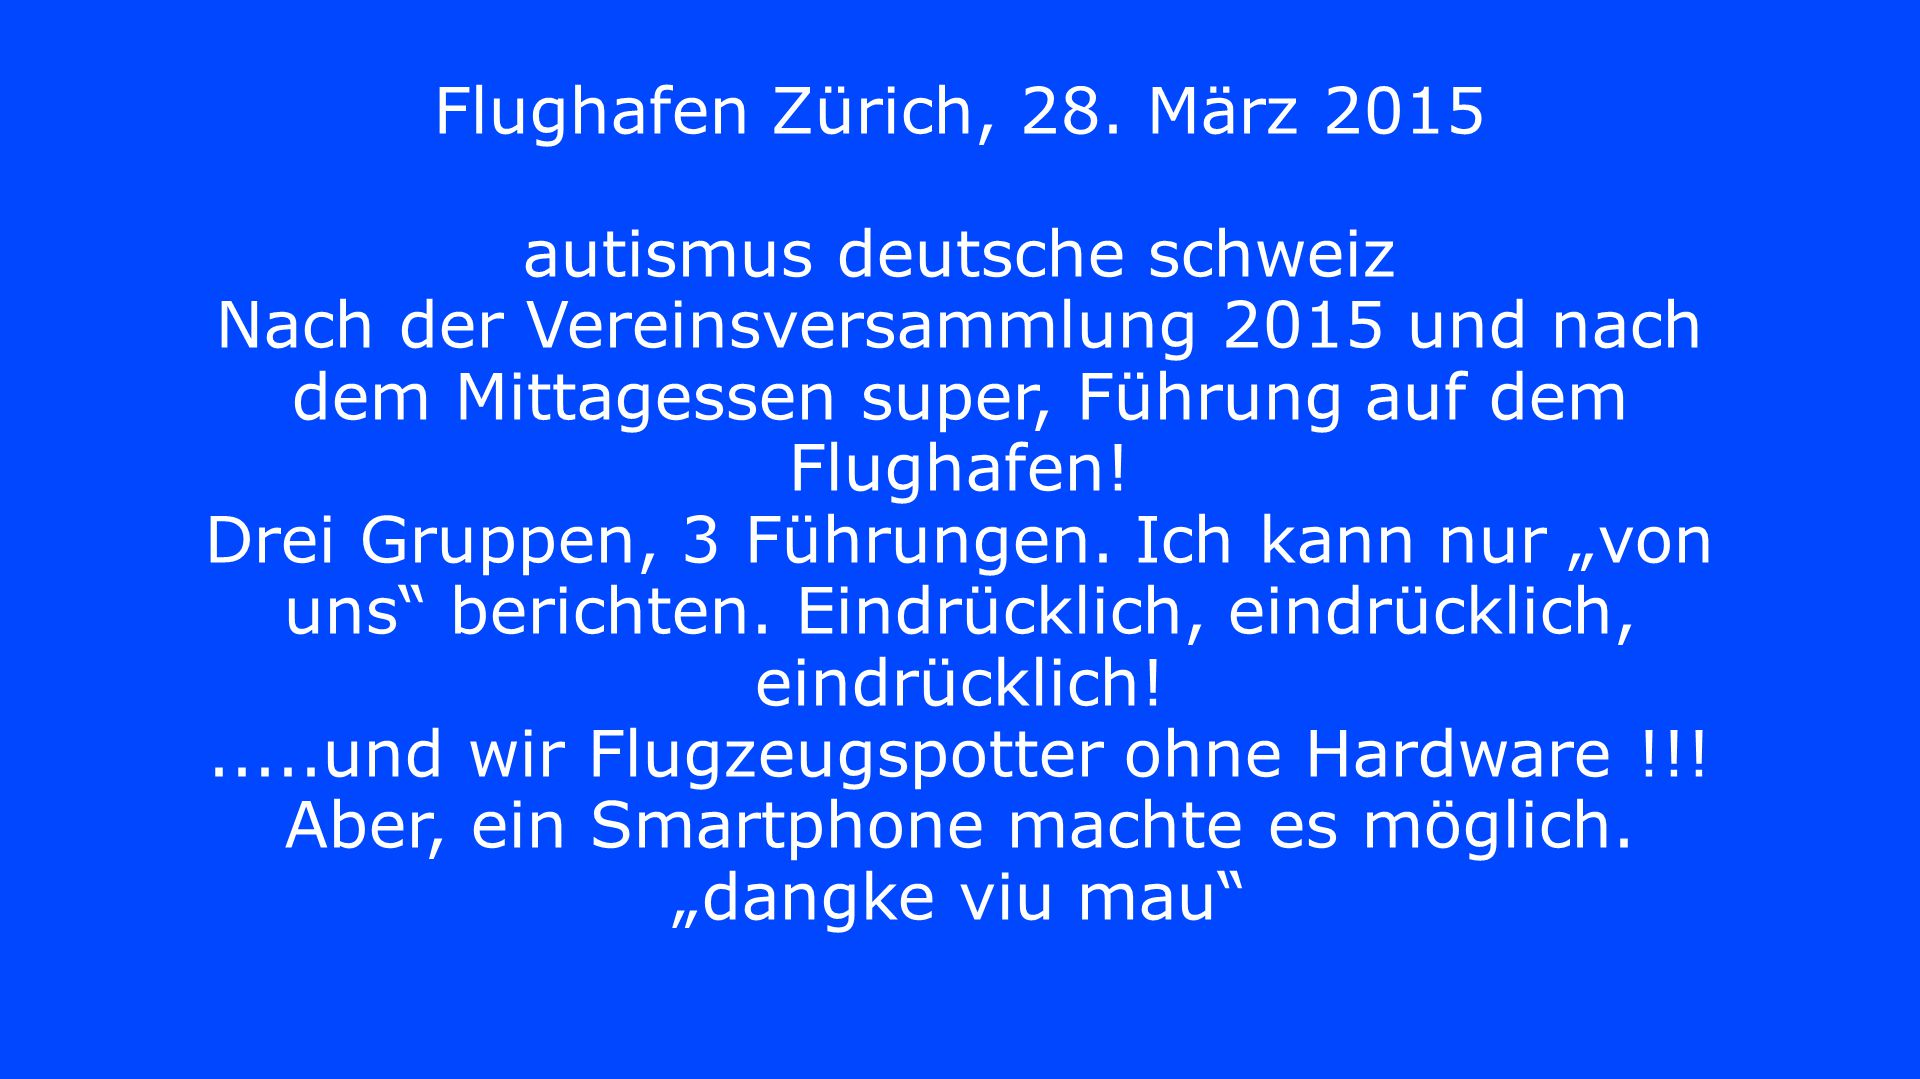 Flughafen Zürich, 28. März 2015 autismus deutsche schweiz Nach der Vereinsversammlung 2015 und nach dem Mittagessen super, Führung auf dem Flughafen!